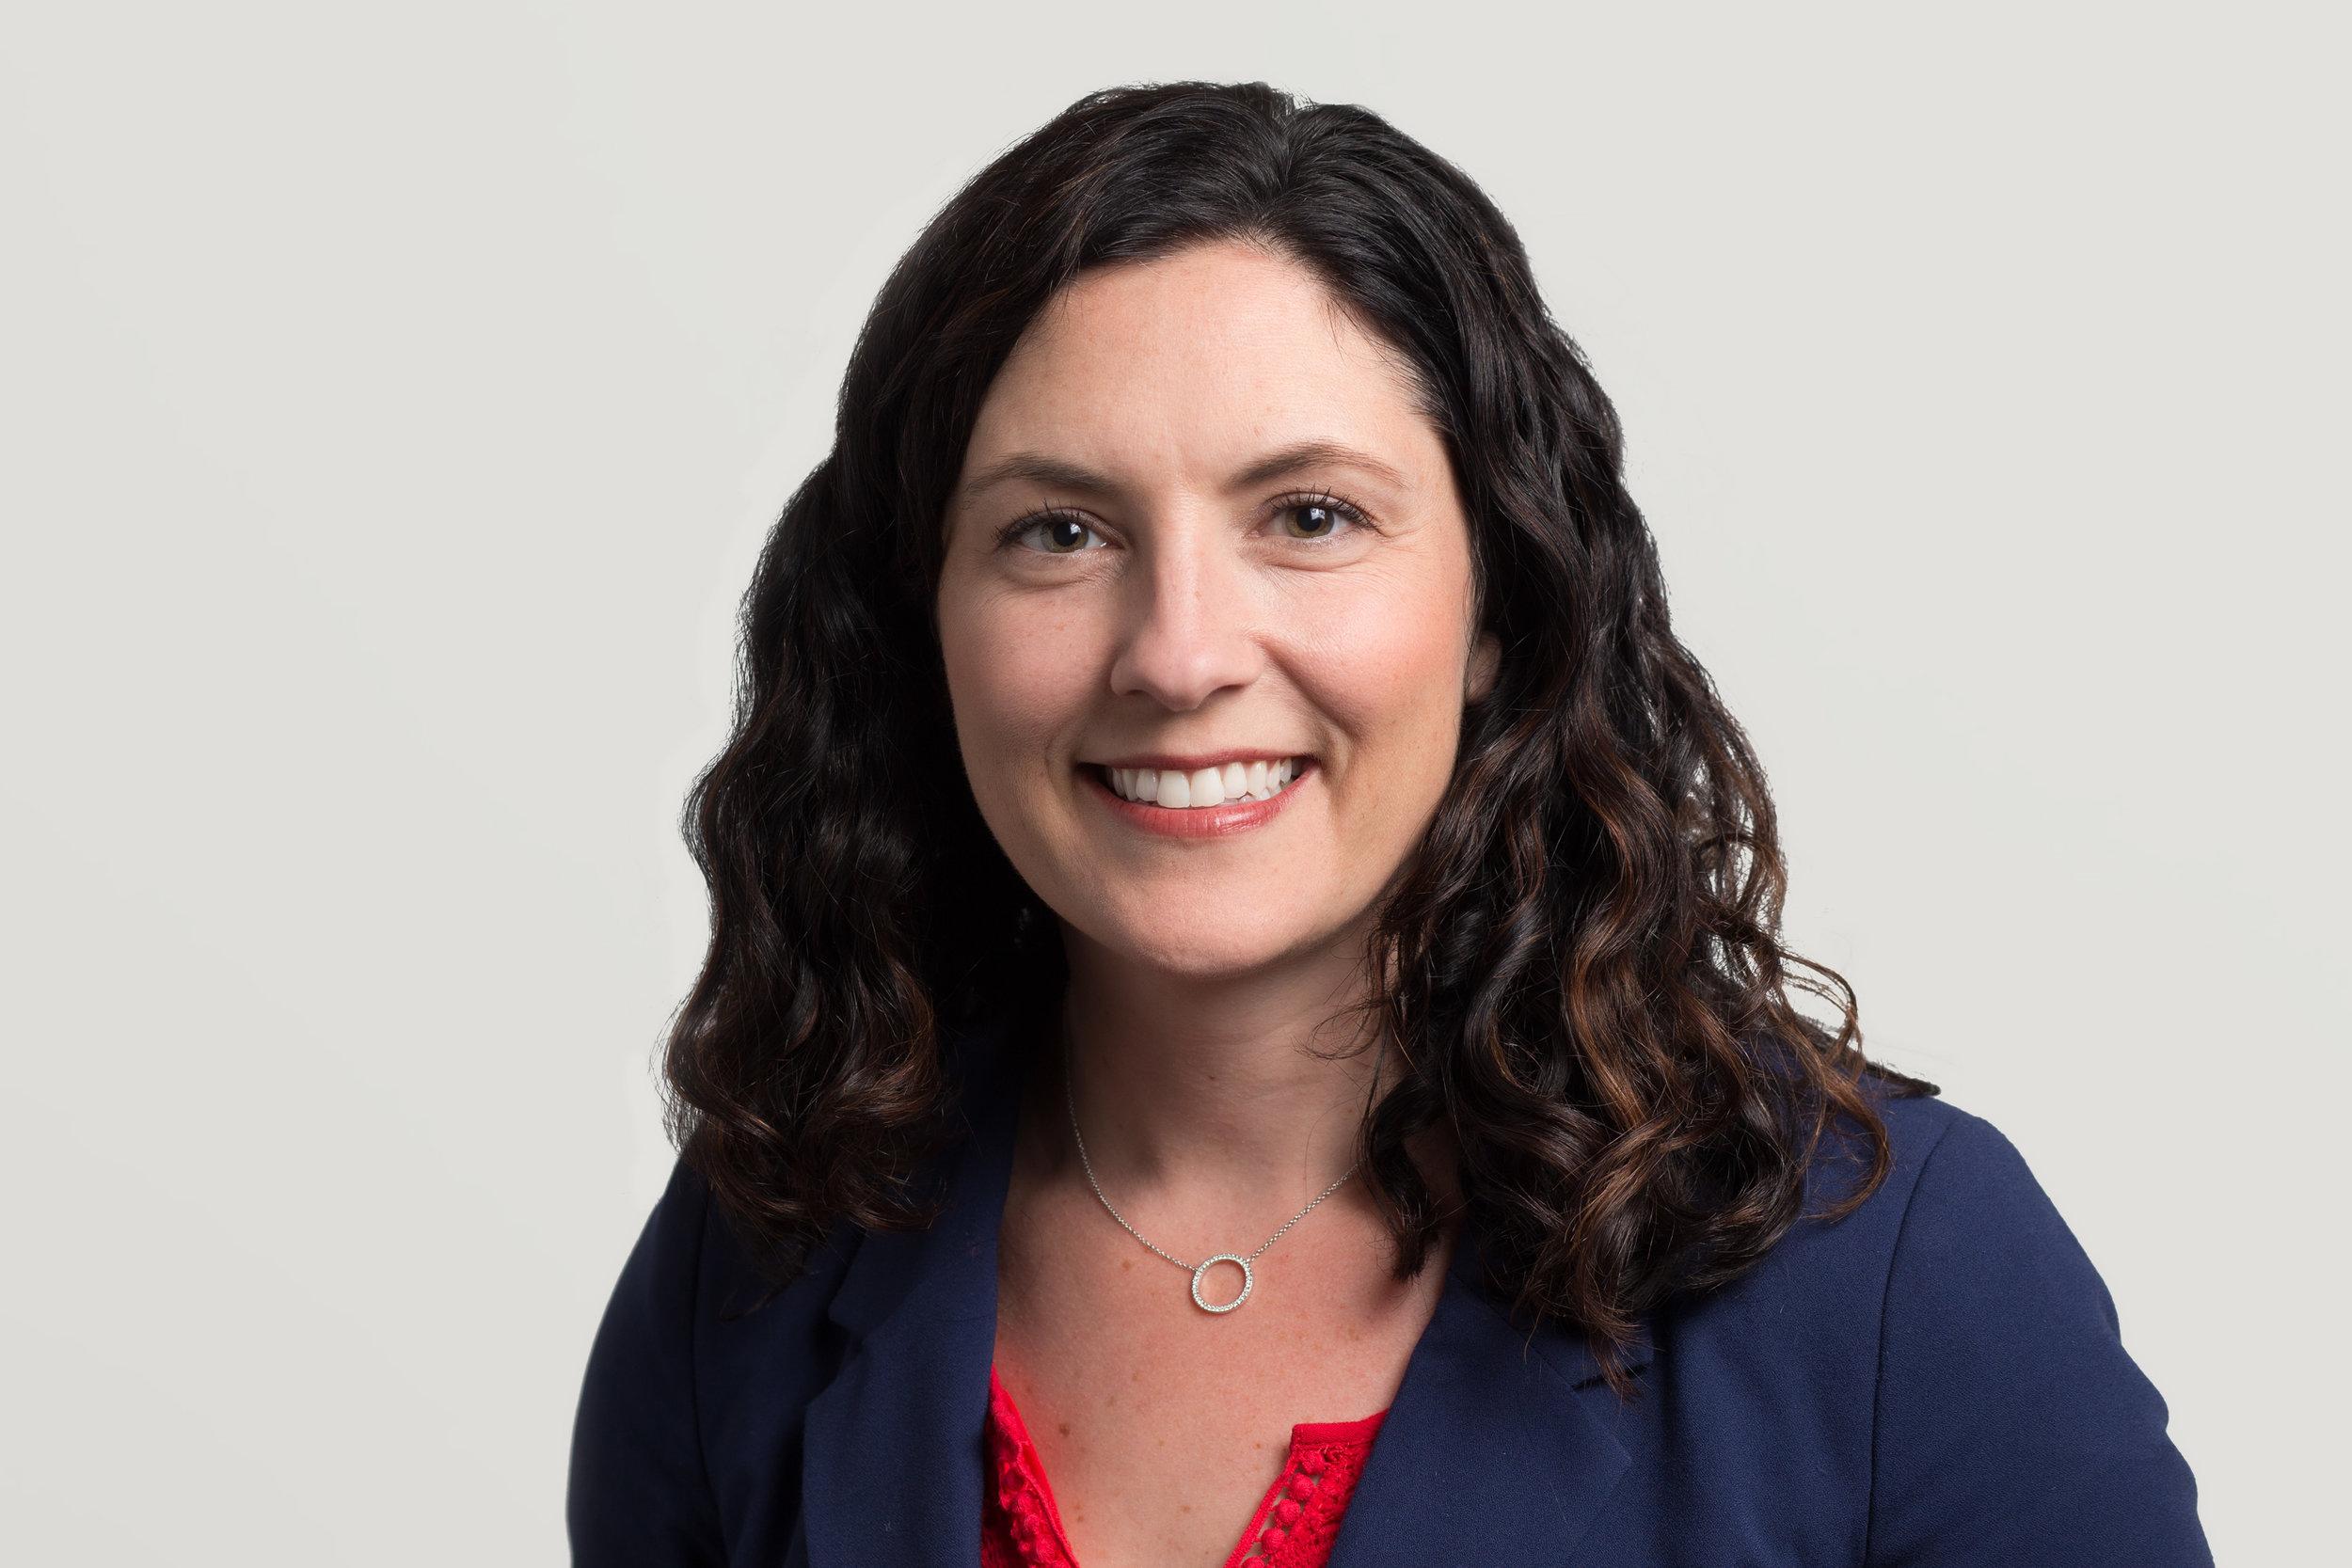 Nicole Kemper, MD